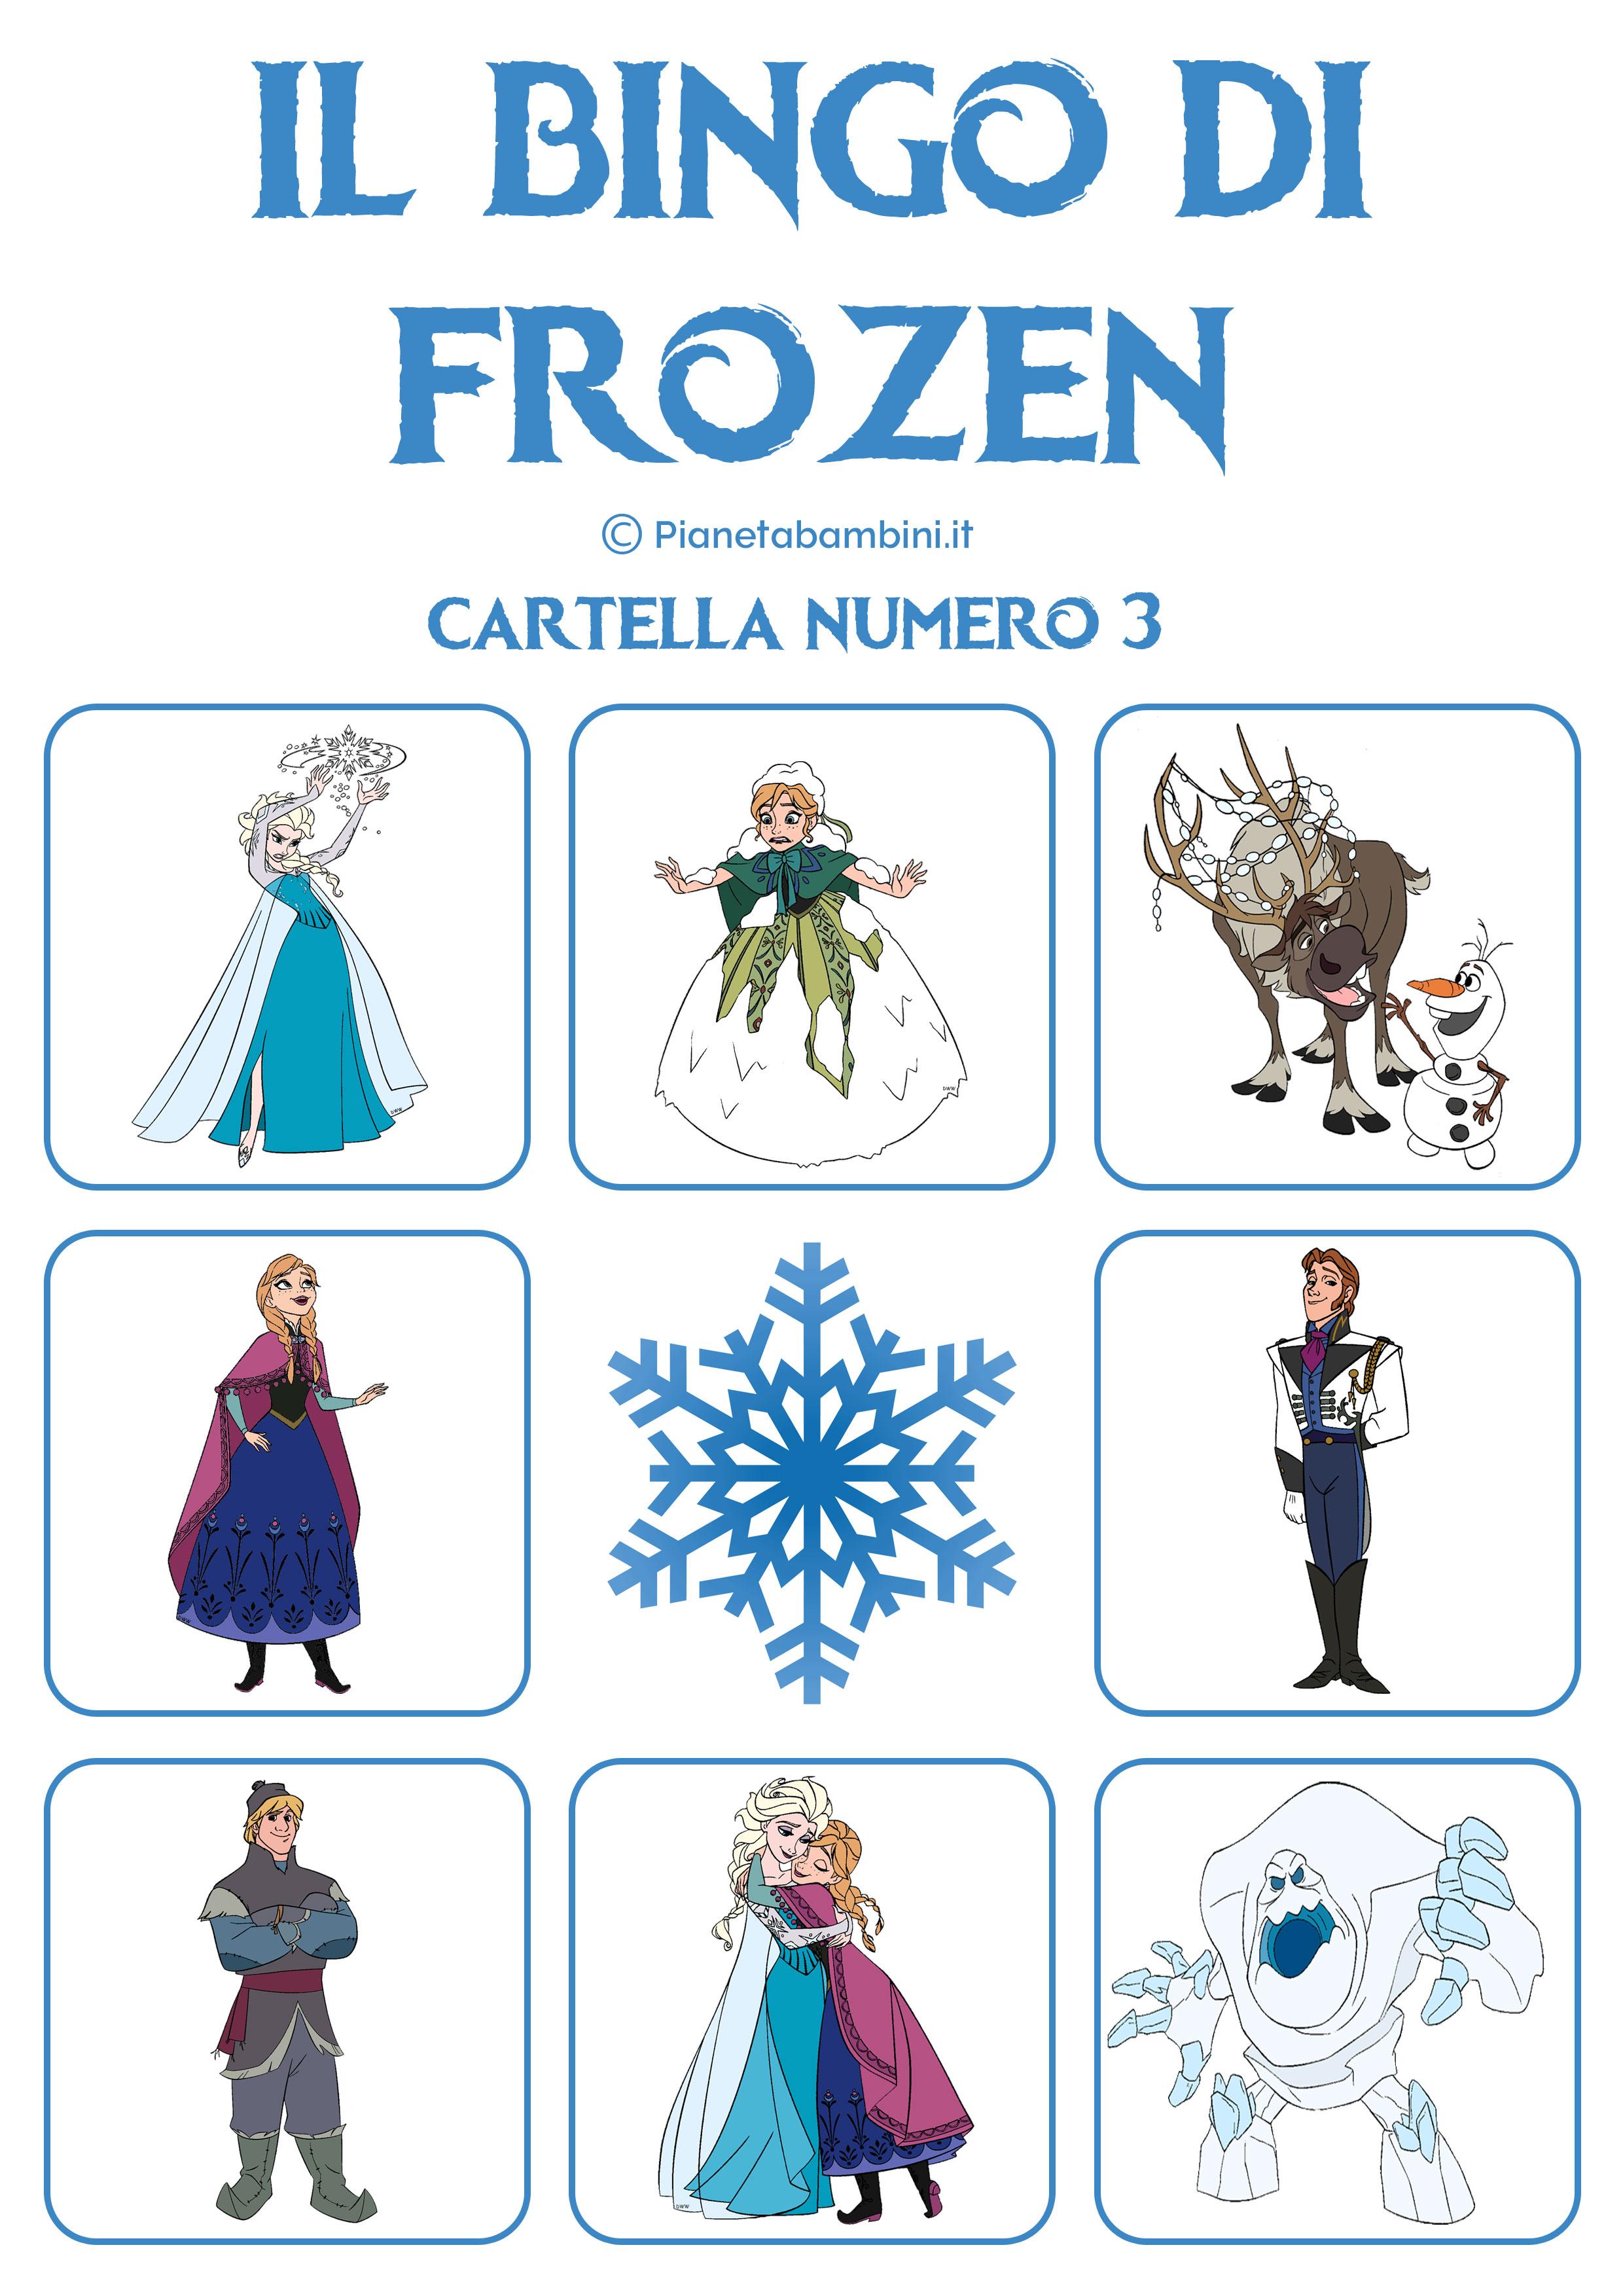 Bingo-Frozen-Cartella-3